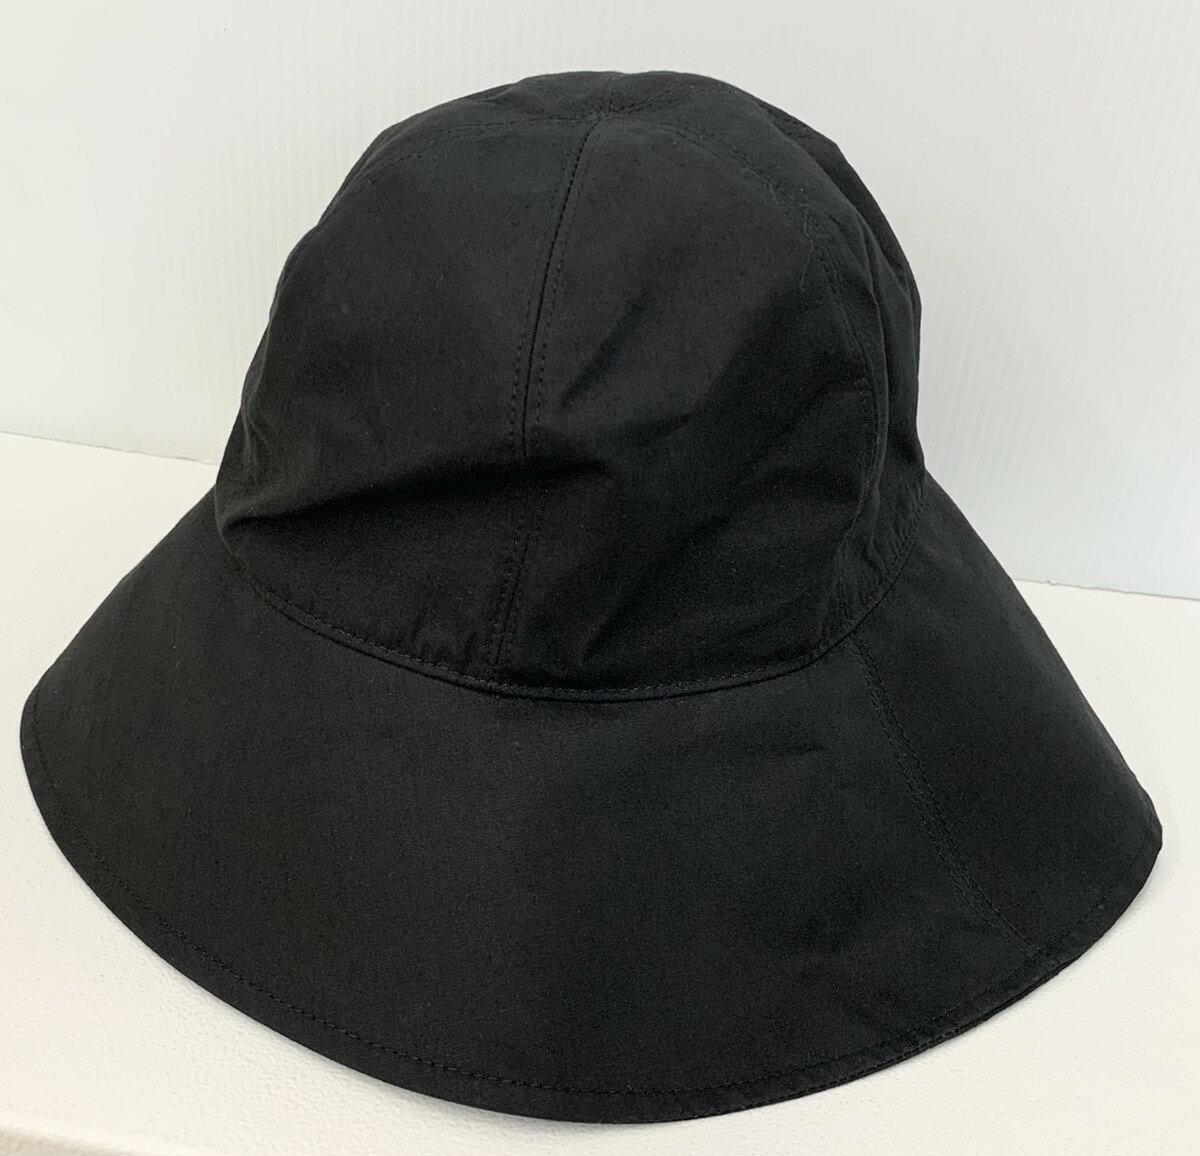 レディース帽子, ハット  coeur Michiko Ueda 211060 S 201goods-69